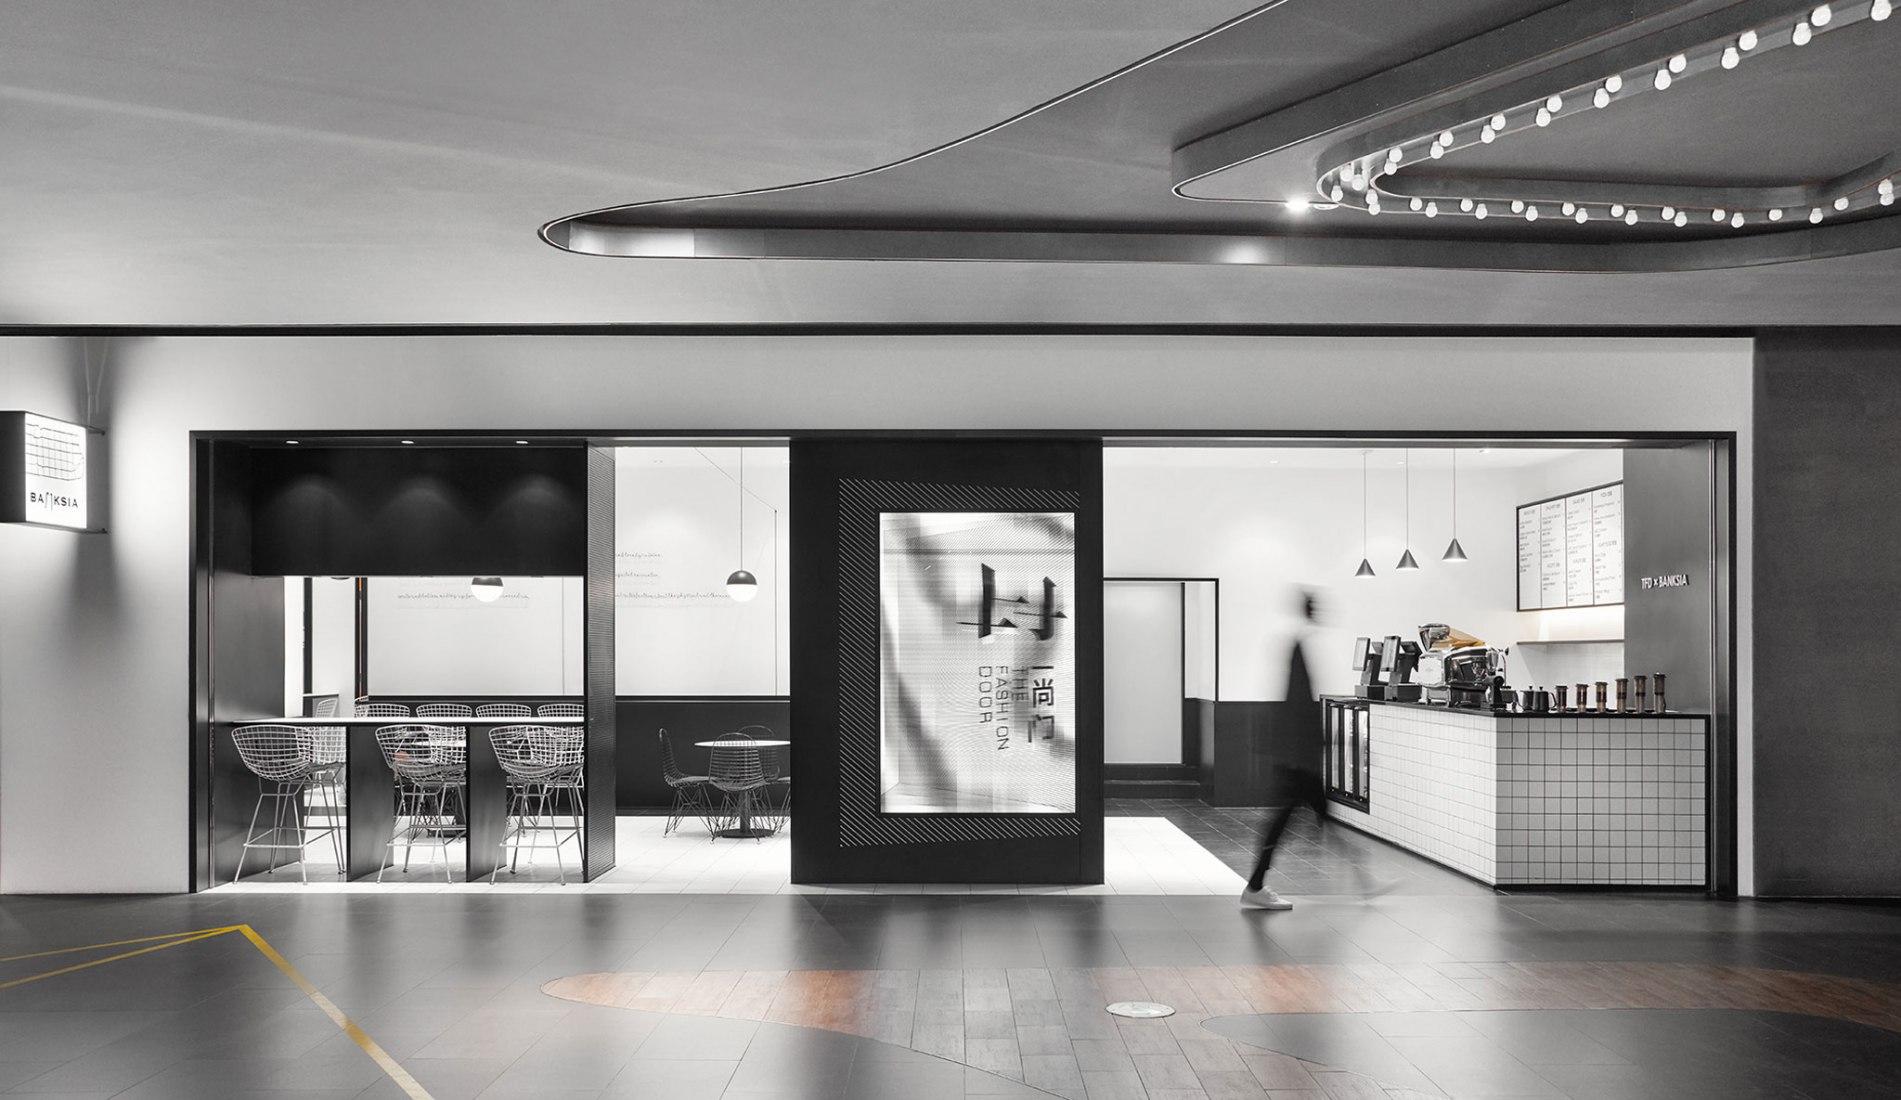 Entrada. TFD Restaurante por Leaping Creative. Fotografía por Zaohui Huang